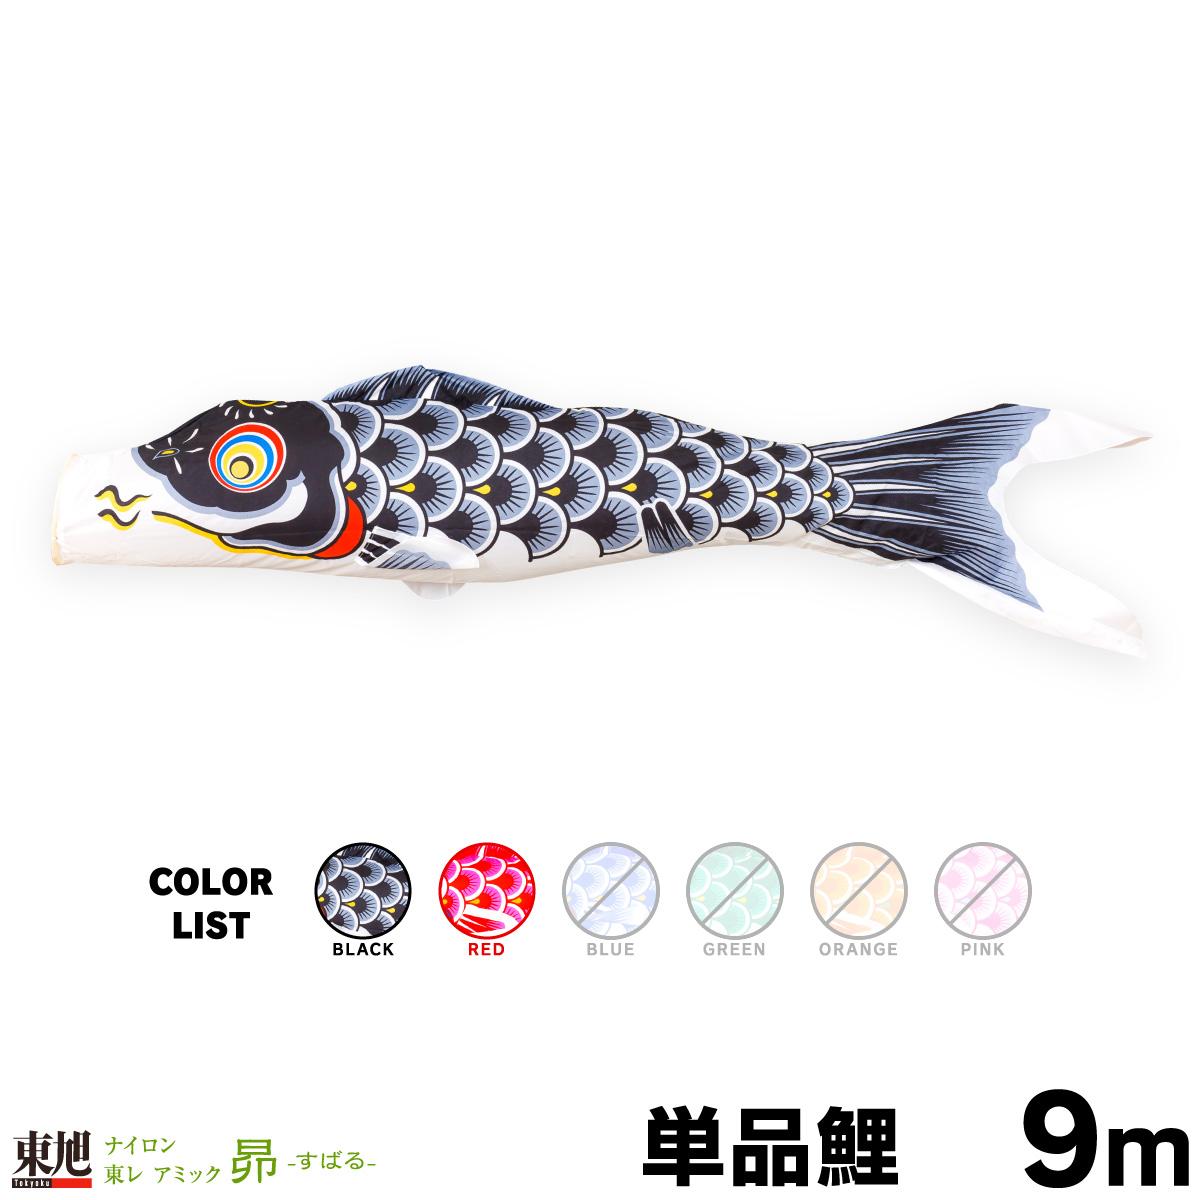 【こいのぼり 単品】 東レ アミック 昴(すばる) 9m 単品鯉